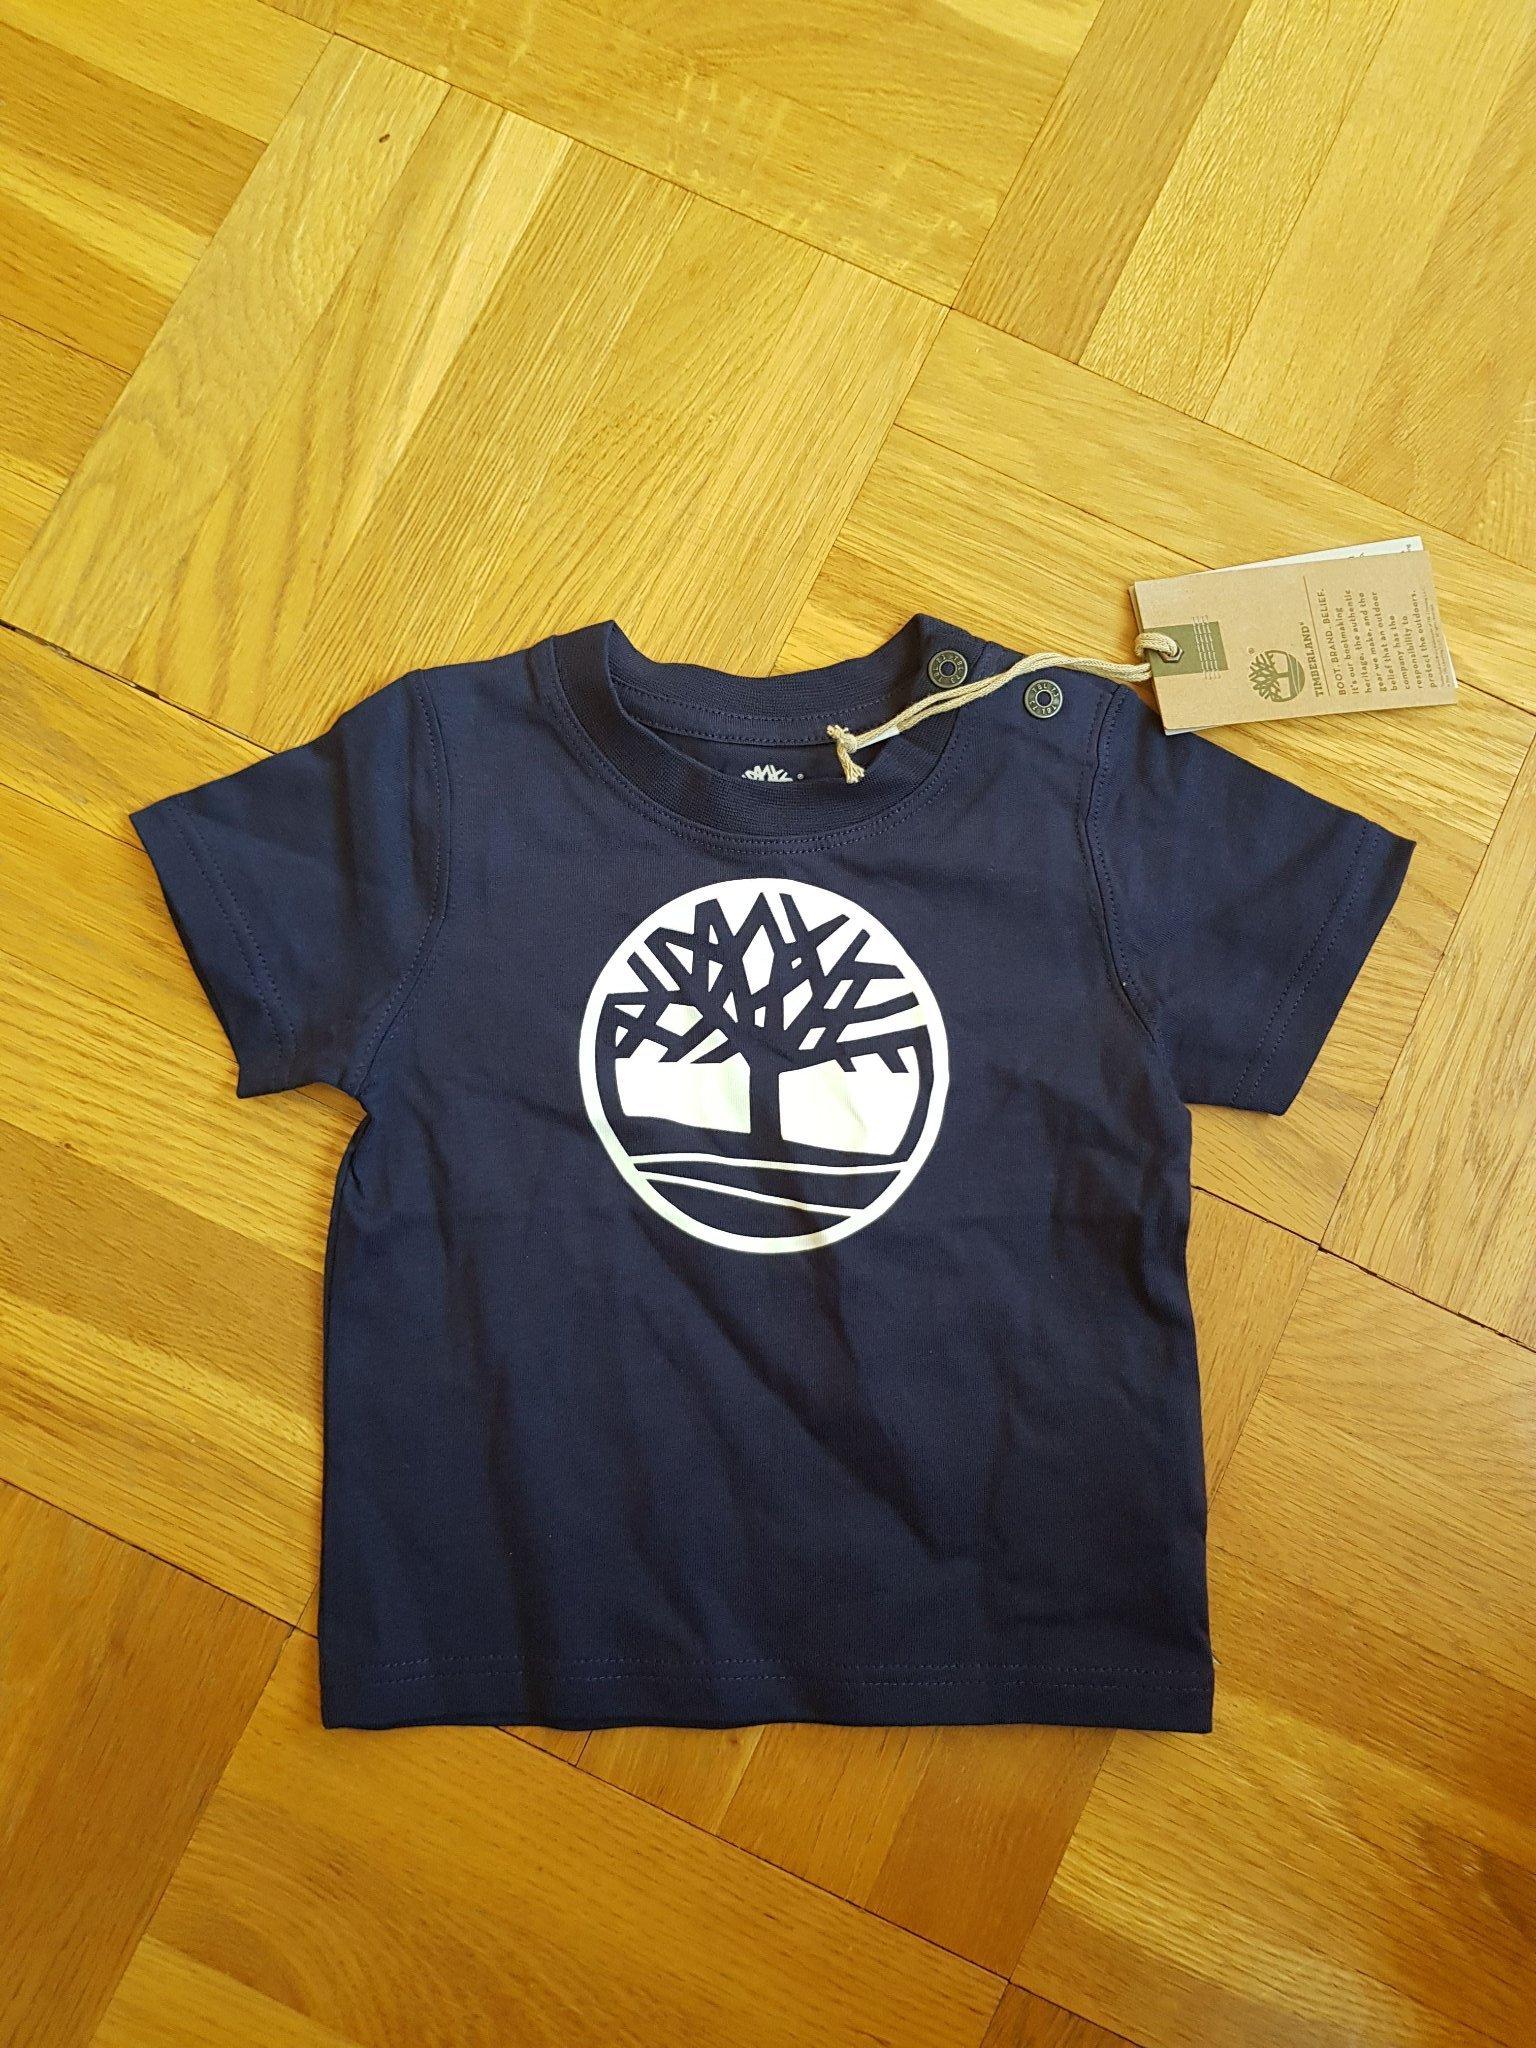 7ec8de7c9a2 Ny TIMBERLAND T shirt i str 9 mån (352918737) ᐈ Köp på Tradera